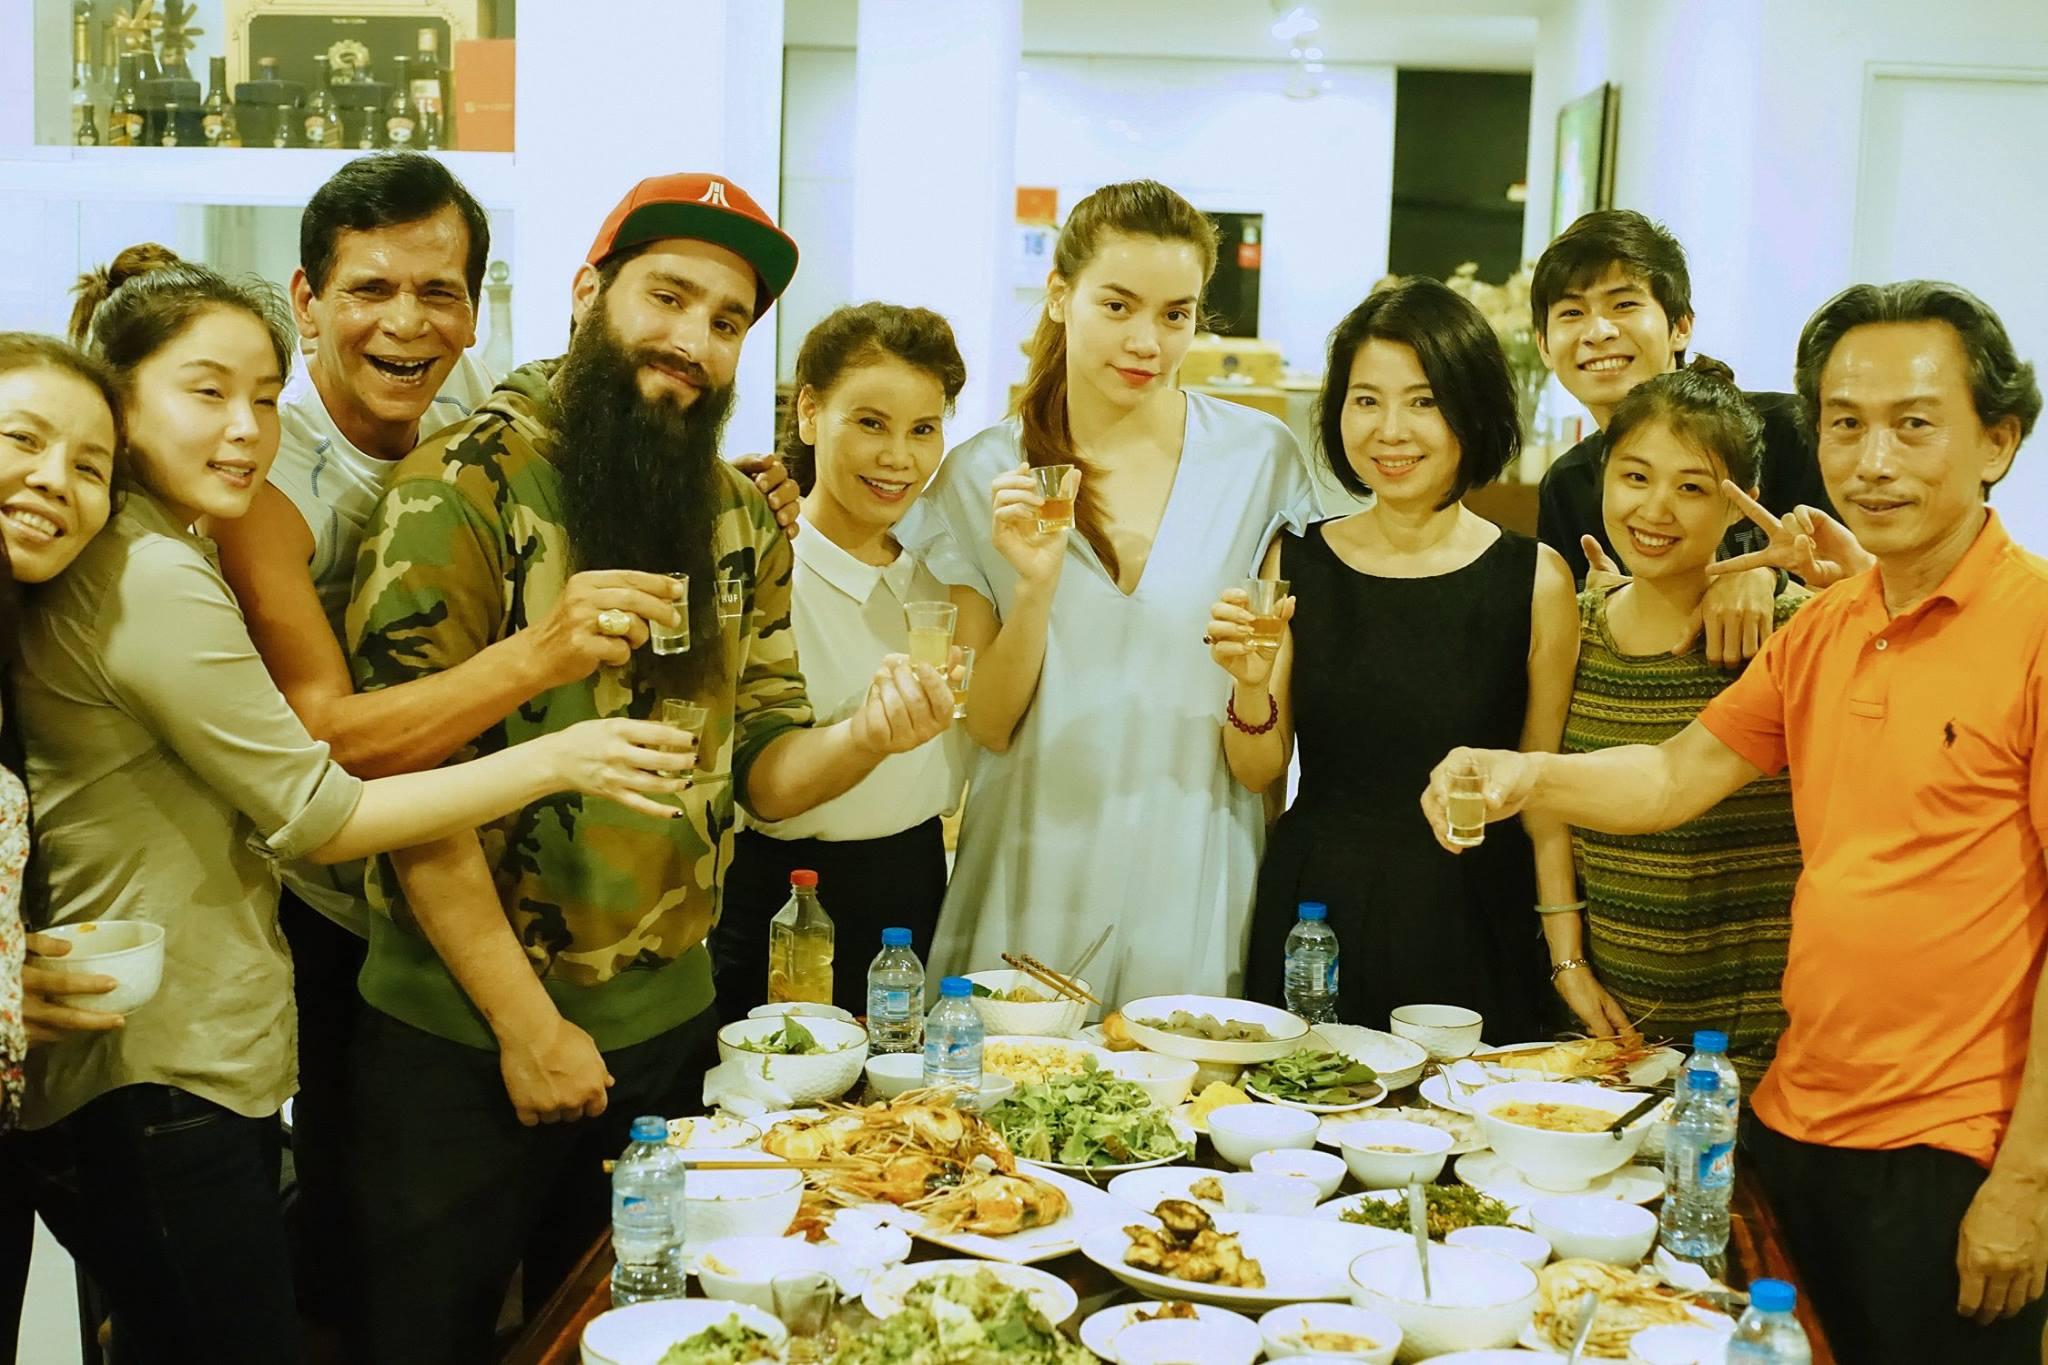 Hà Hồ mời đạo diễn Kong: Skull Island dùng cơm tối thân mật với gia đình - Ảnh 1.